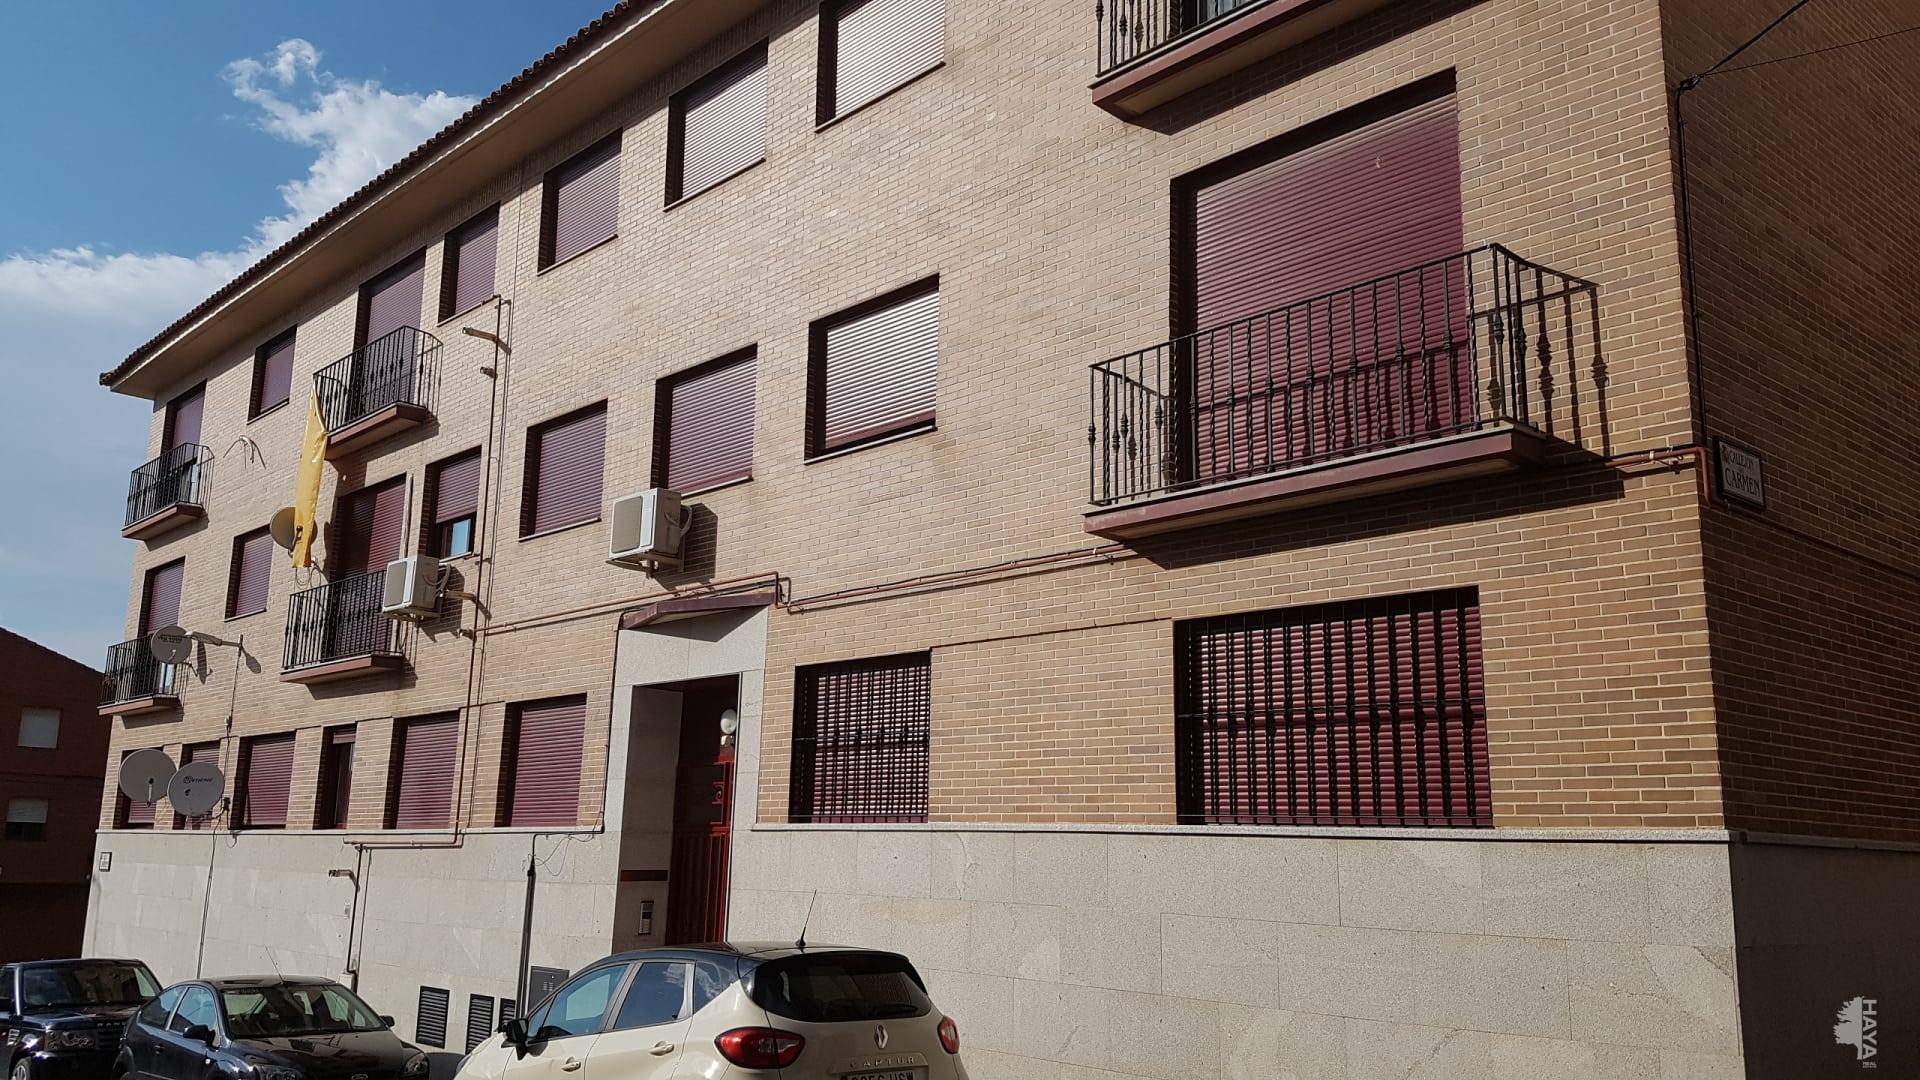 Piso en venta en Alameda de la Sagra, Toledo, Calle Carmen, 134.800 €, 3 habitaciones, 2 baños, 167 m2